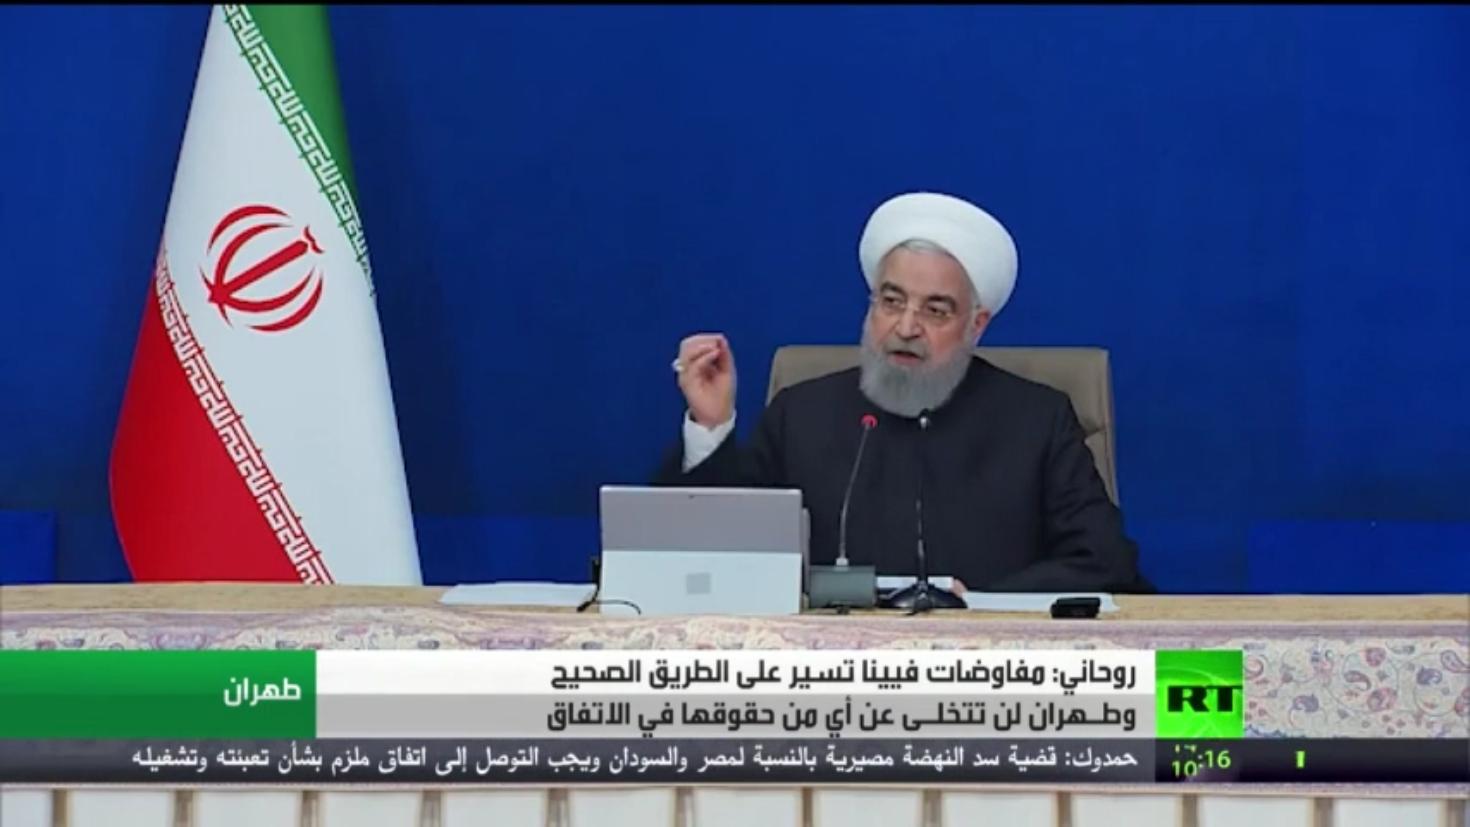 روحاني: محادثات فيينا تسير على الطريق الصحيح